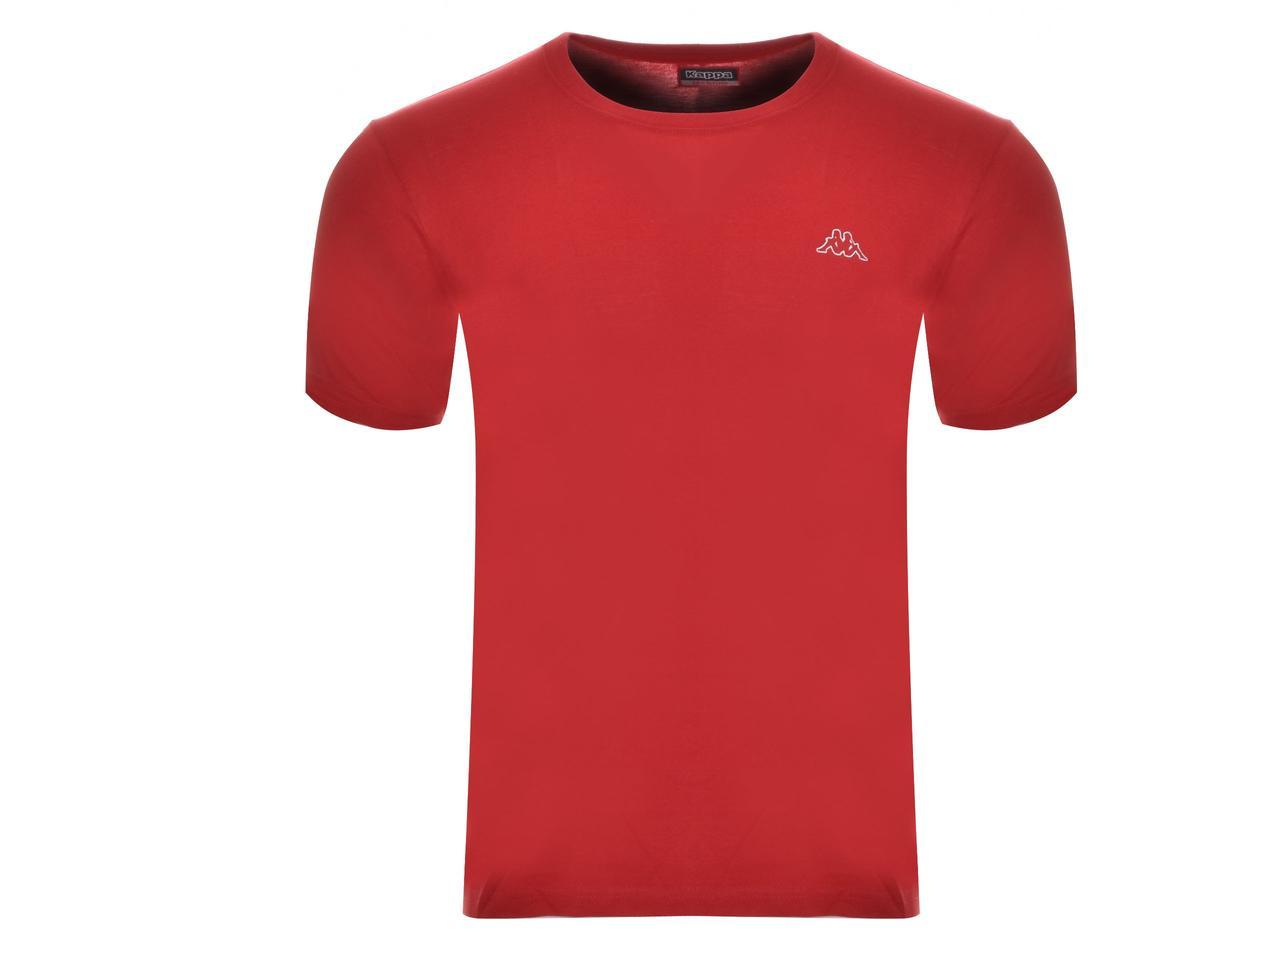 Футболка чоловіча Kappa червона (304KZNO A20)